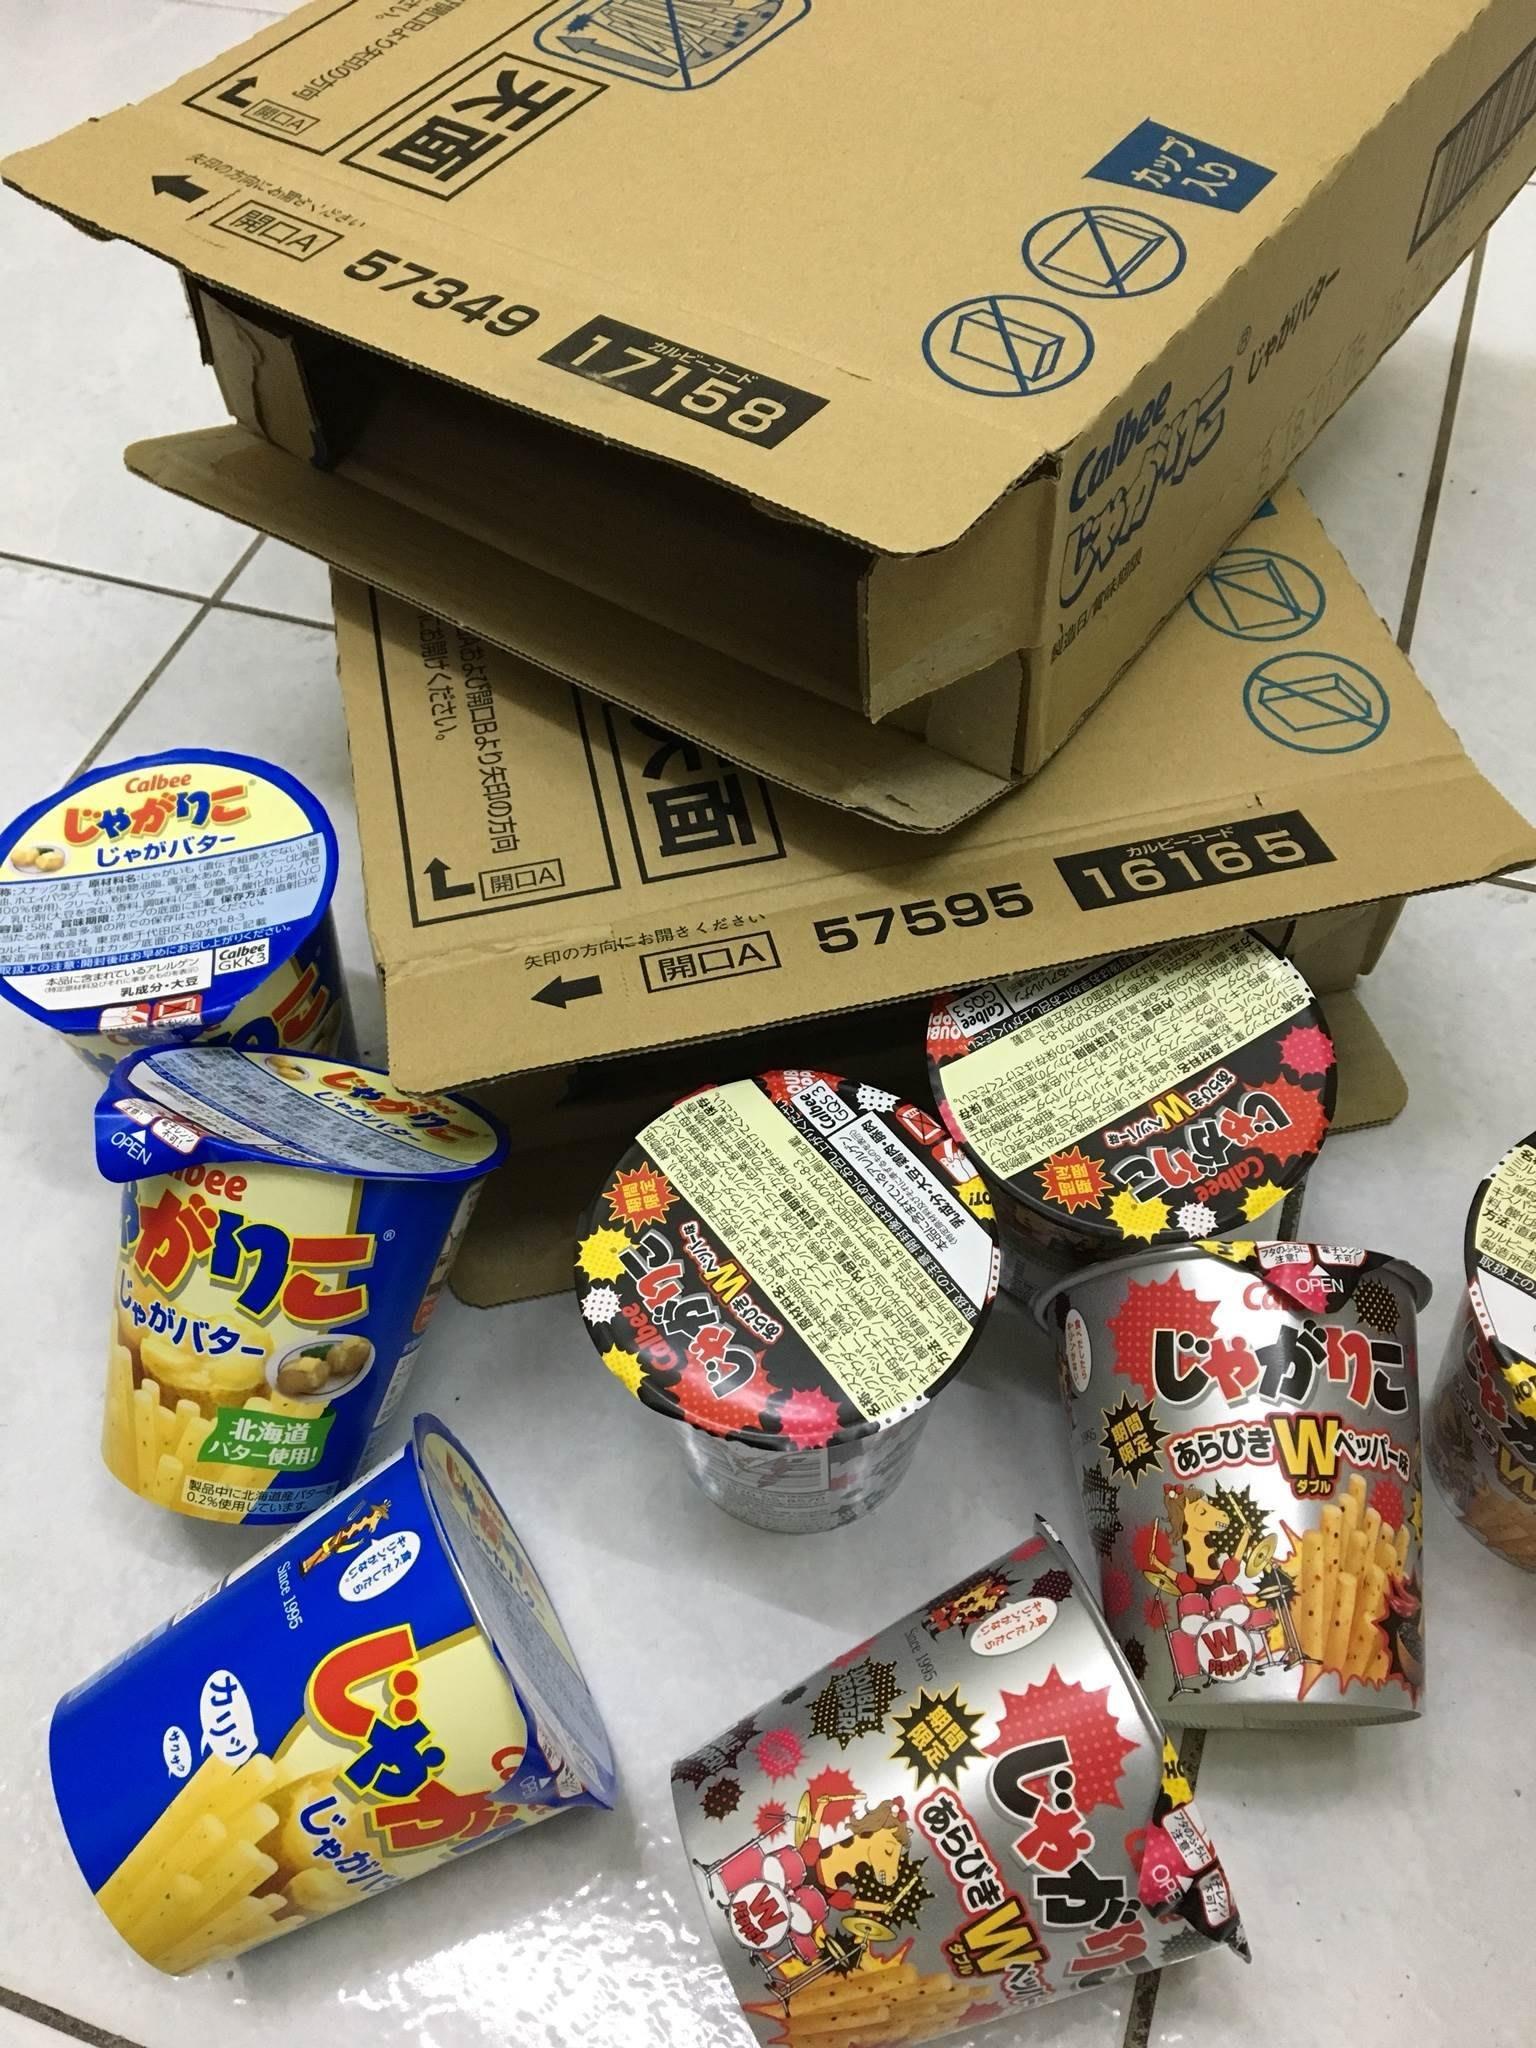 拉薩夫人-日本期間限定 Calbee 薯條杯杯 辣胡椒口味 一箱/12罐  缺貨